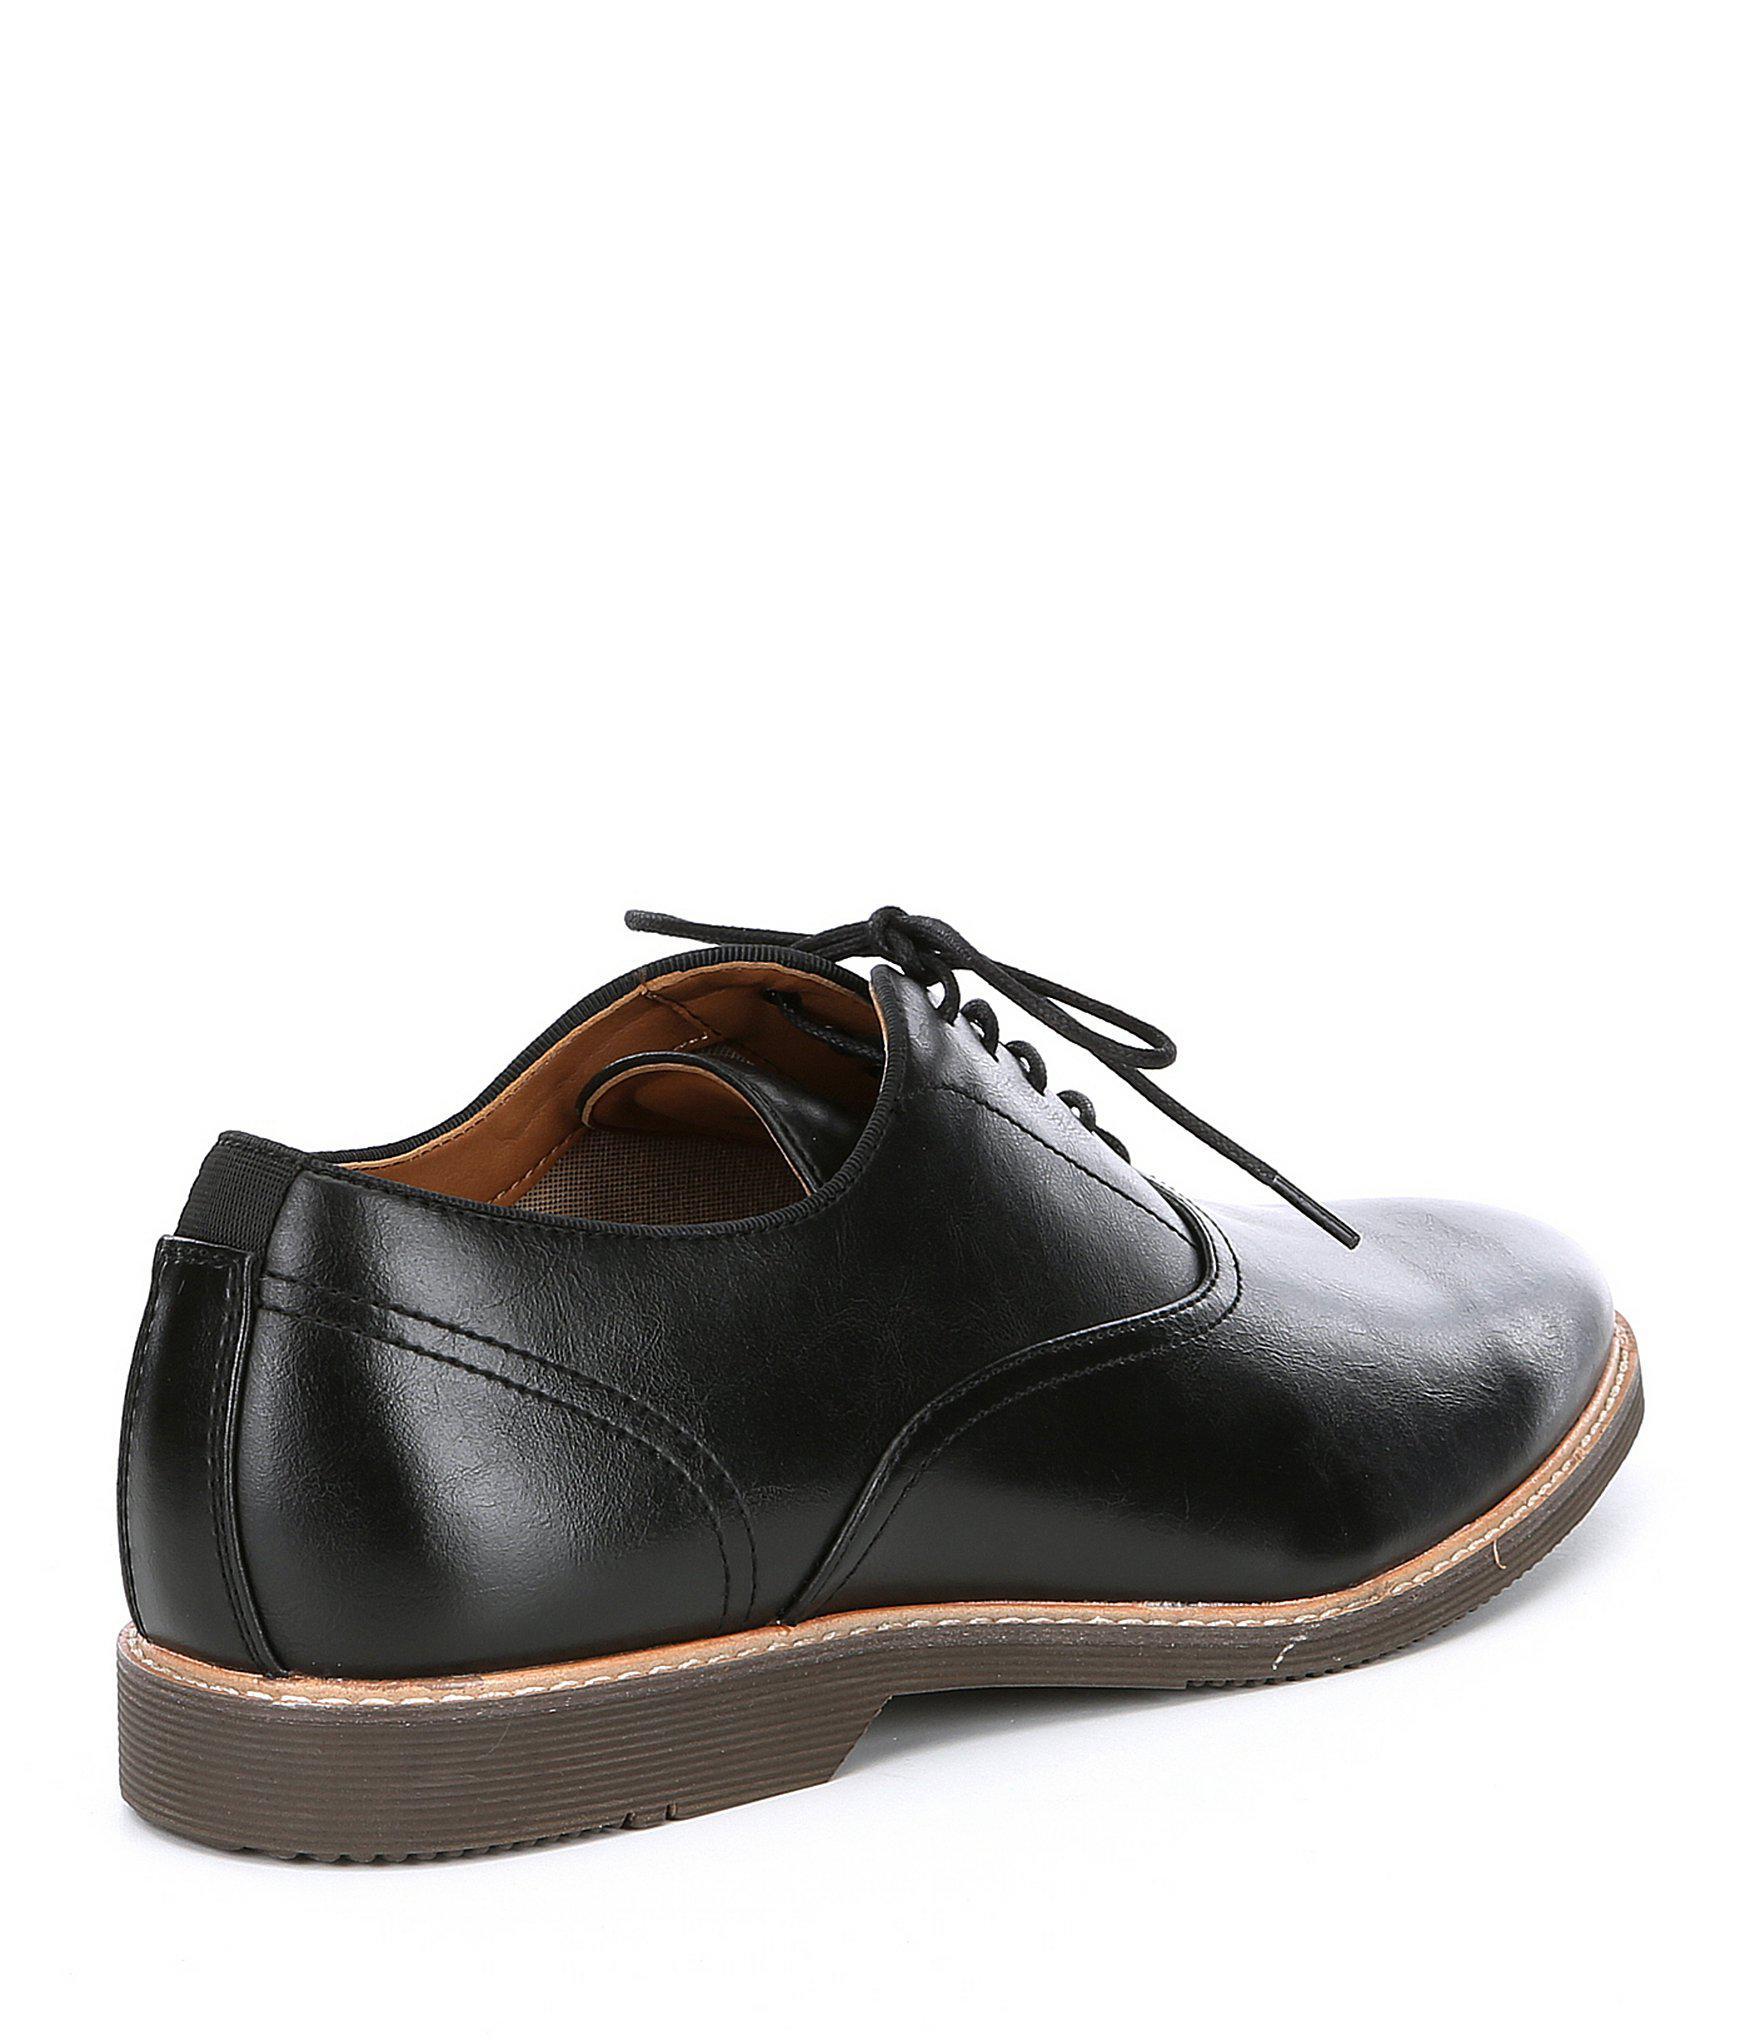 d7c1d3939f3 Lyst - Steve Madden Men's Norwich Plain Toe Oxfords in Black for Men